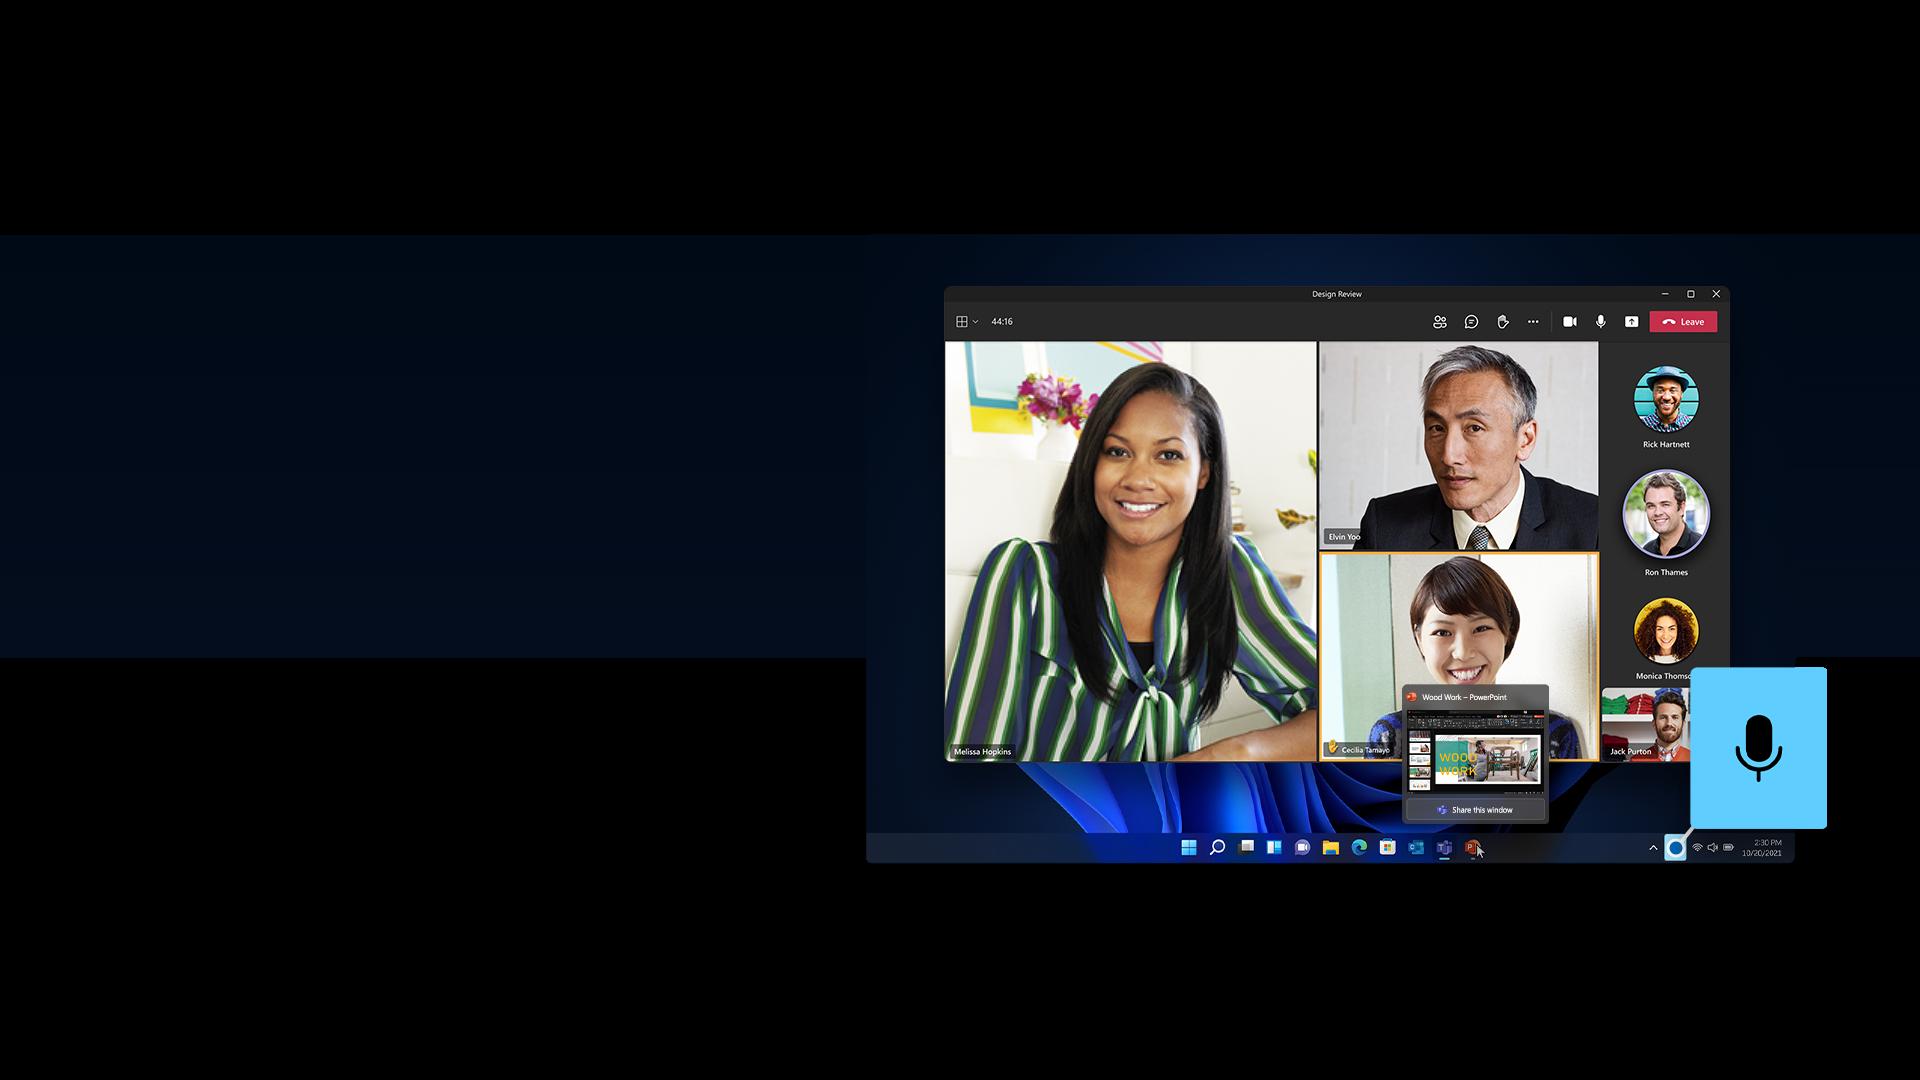 Écran Windows11 avec MicrosoftTeams, PowerPoint et fonction de mise en sourdine universelle